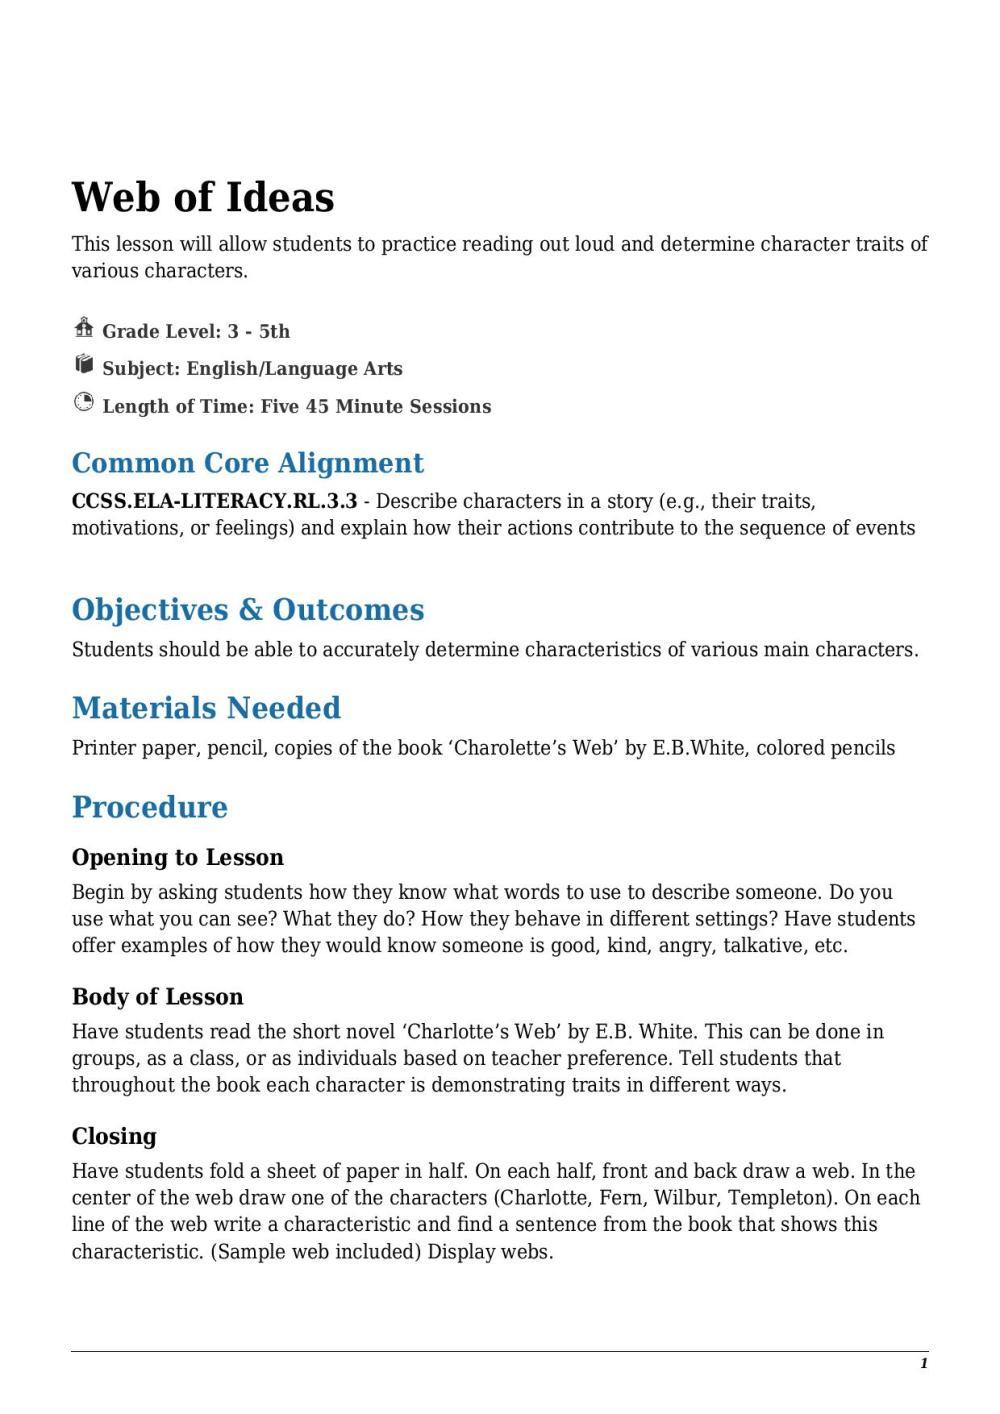 medium resolution of Web of Ideas Grade 3 - 5th - Lesson Tutor